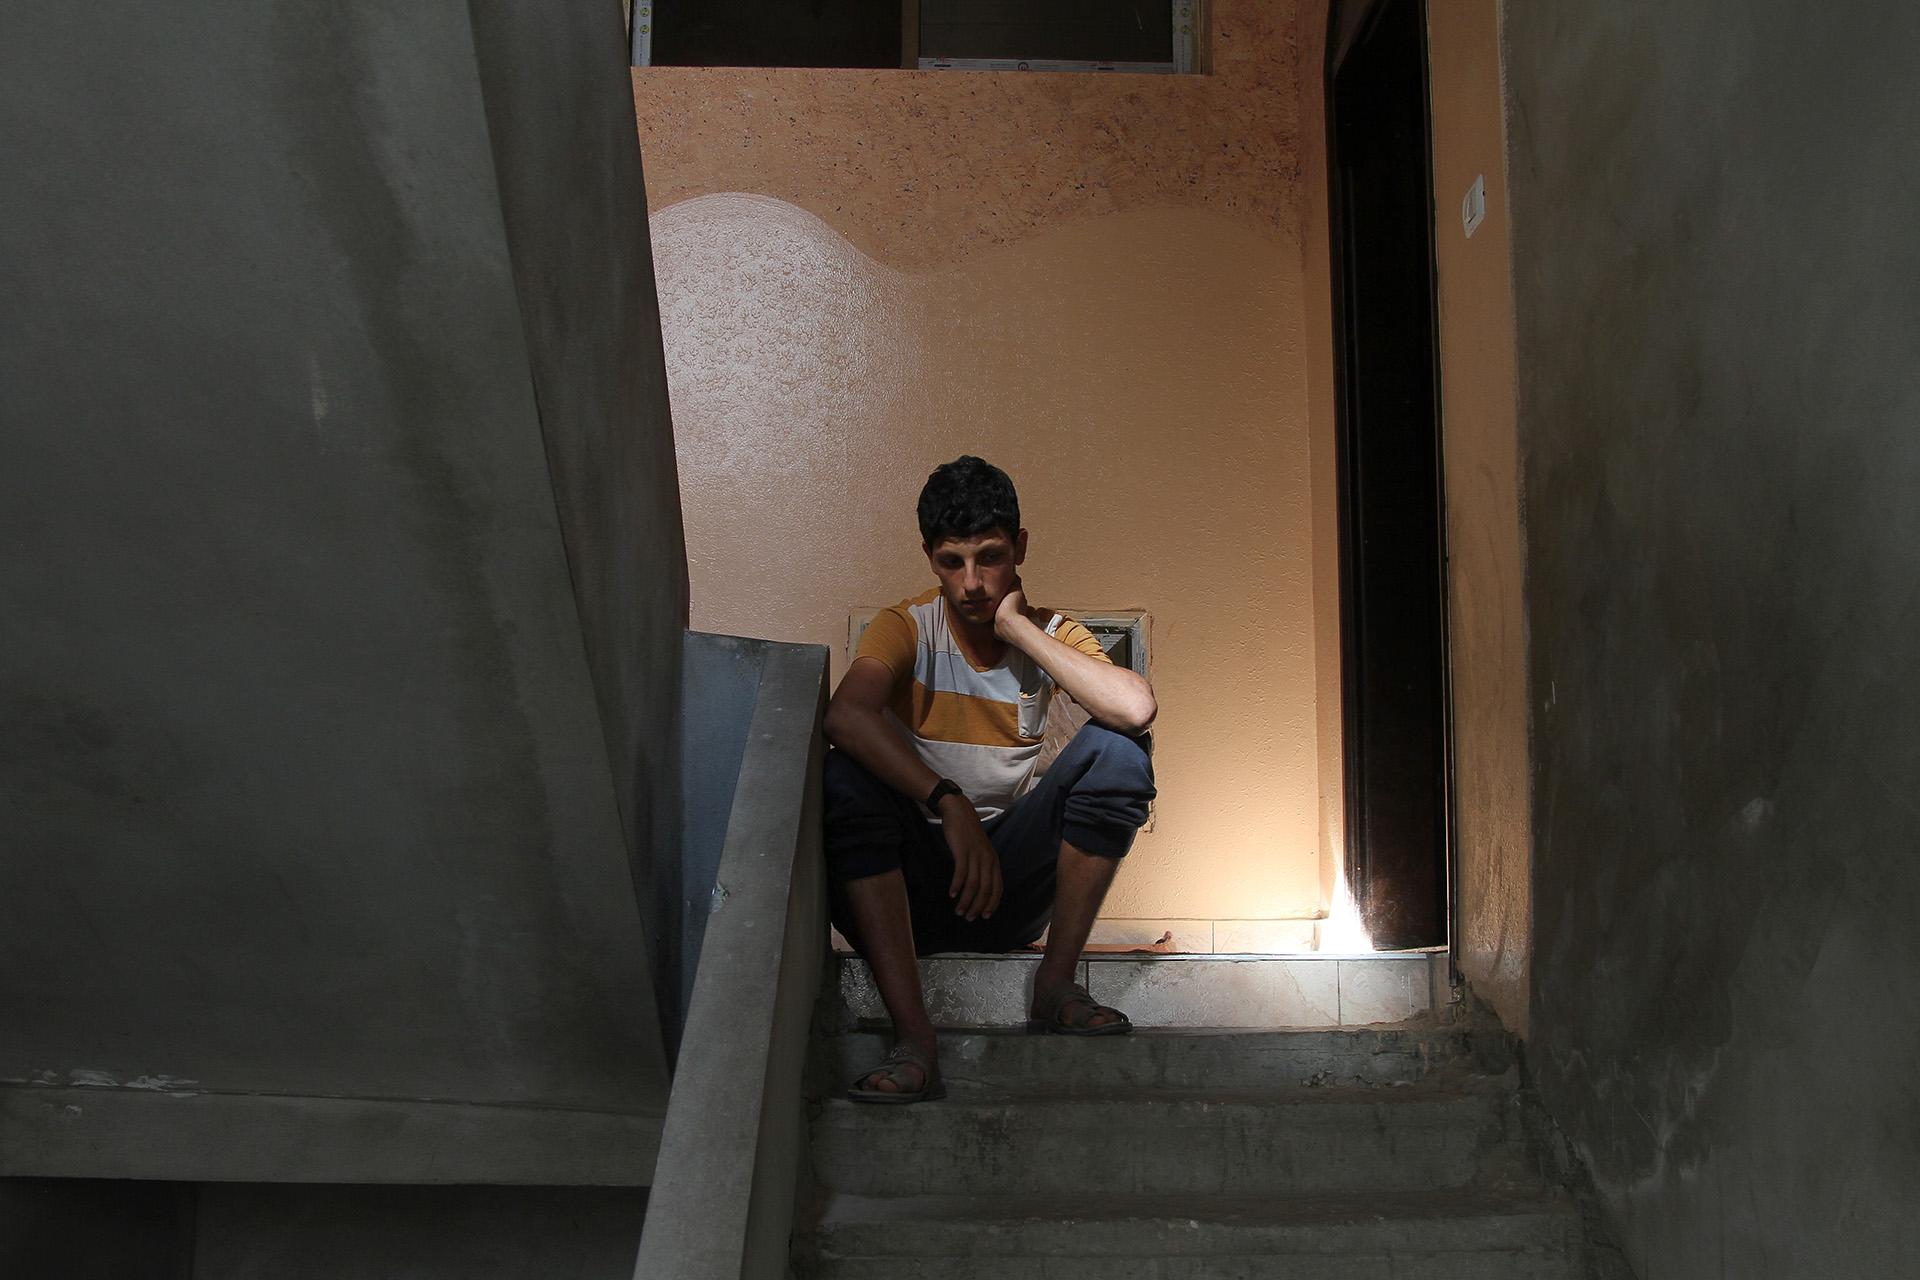 « Le garçon est brisé » DIT SALEM, LE PÈRE DE MOHAMMED.